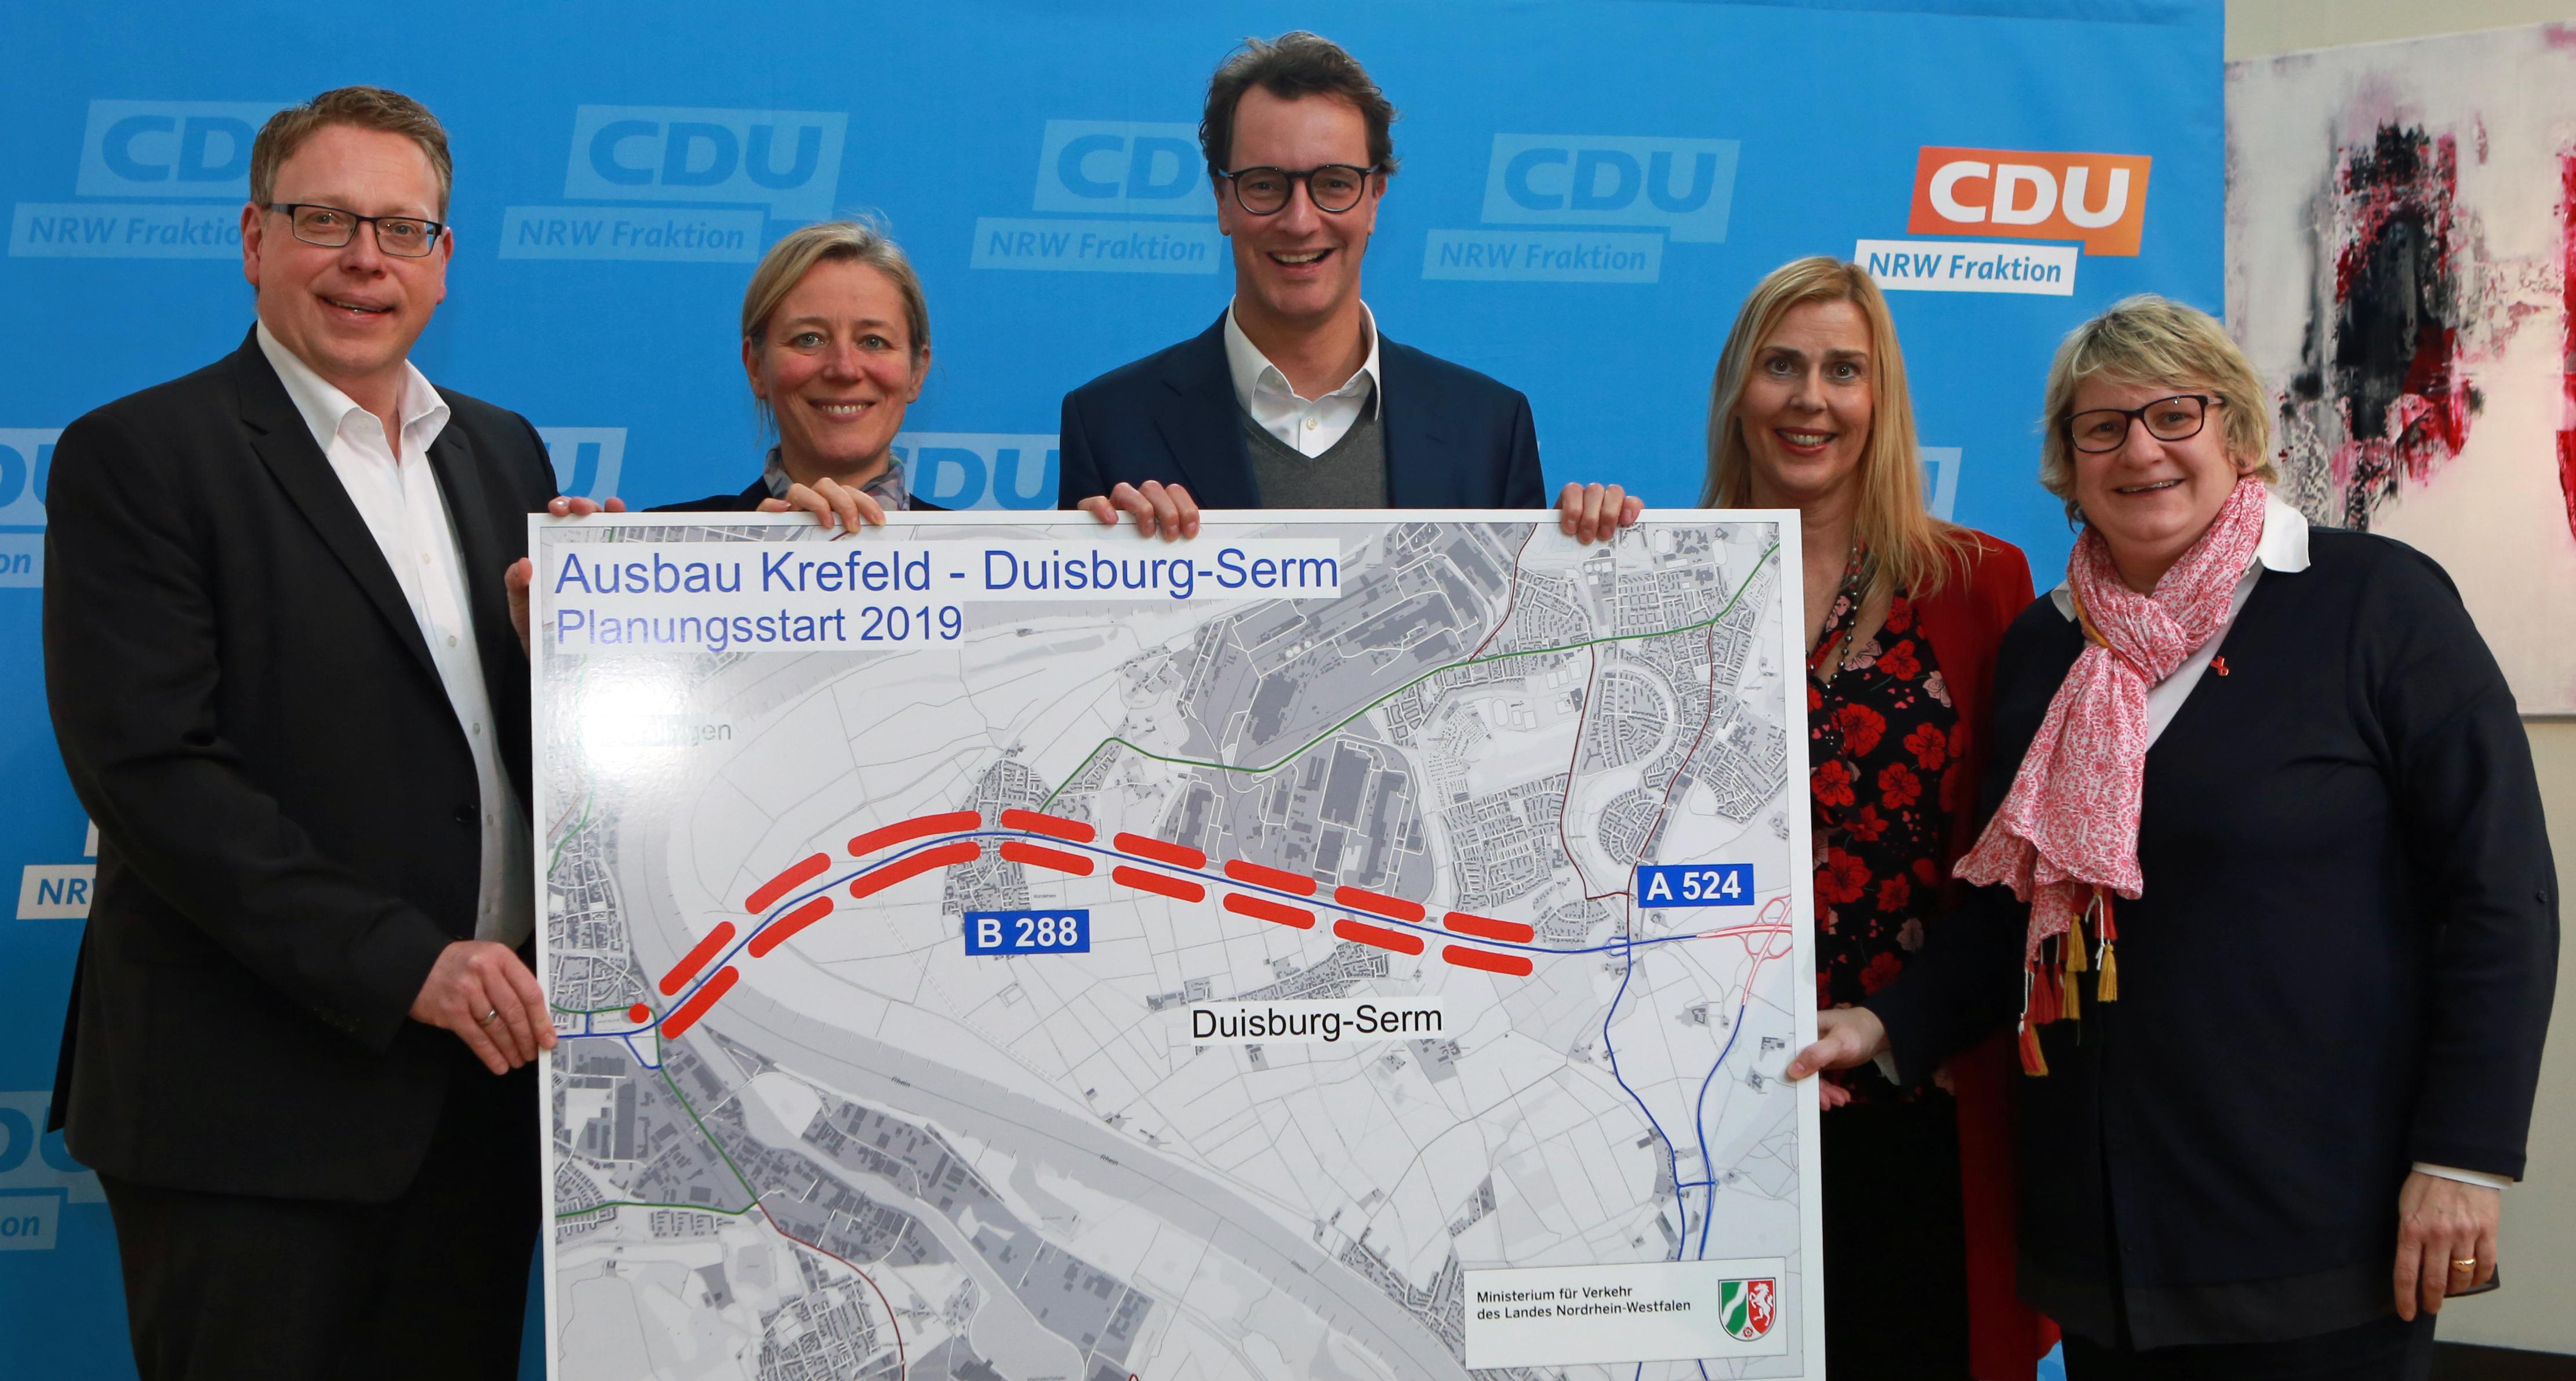 Gute Nachrichten für Krefeld – Verkehrsministerium nimmt Planungen zum Ausbau der B288 wieder auf